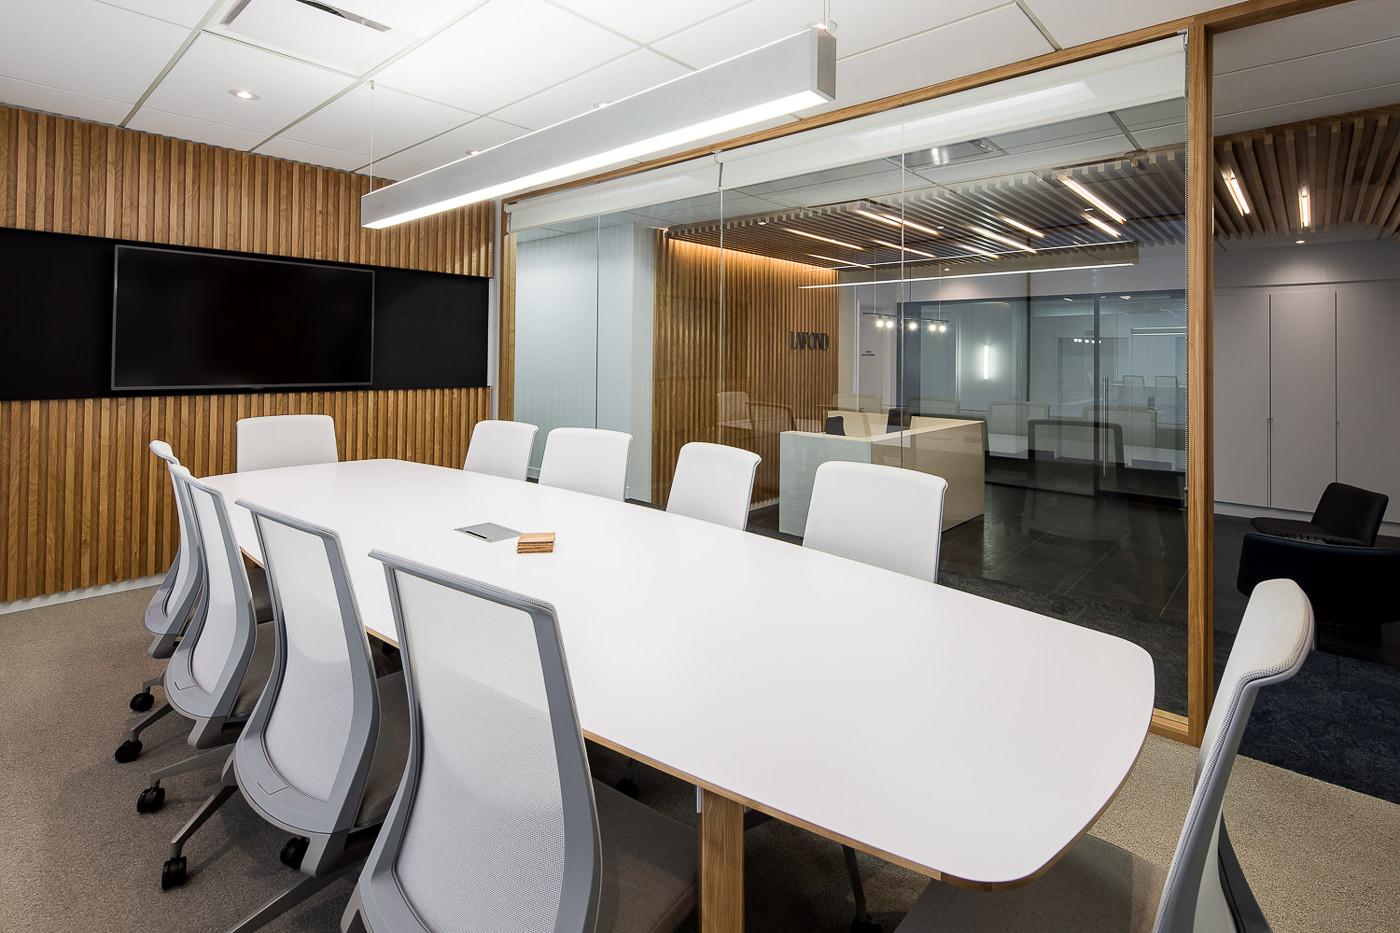 Salle de réunion des bureaux du Groupe Lafond architecture et design par rumker